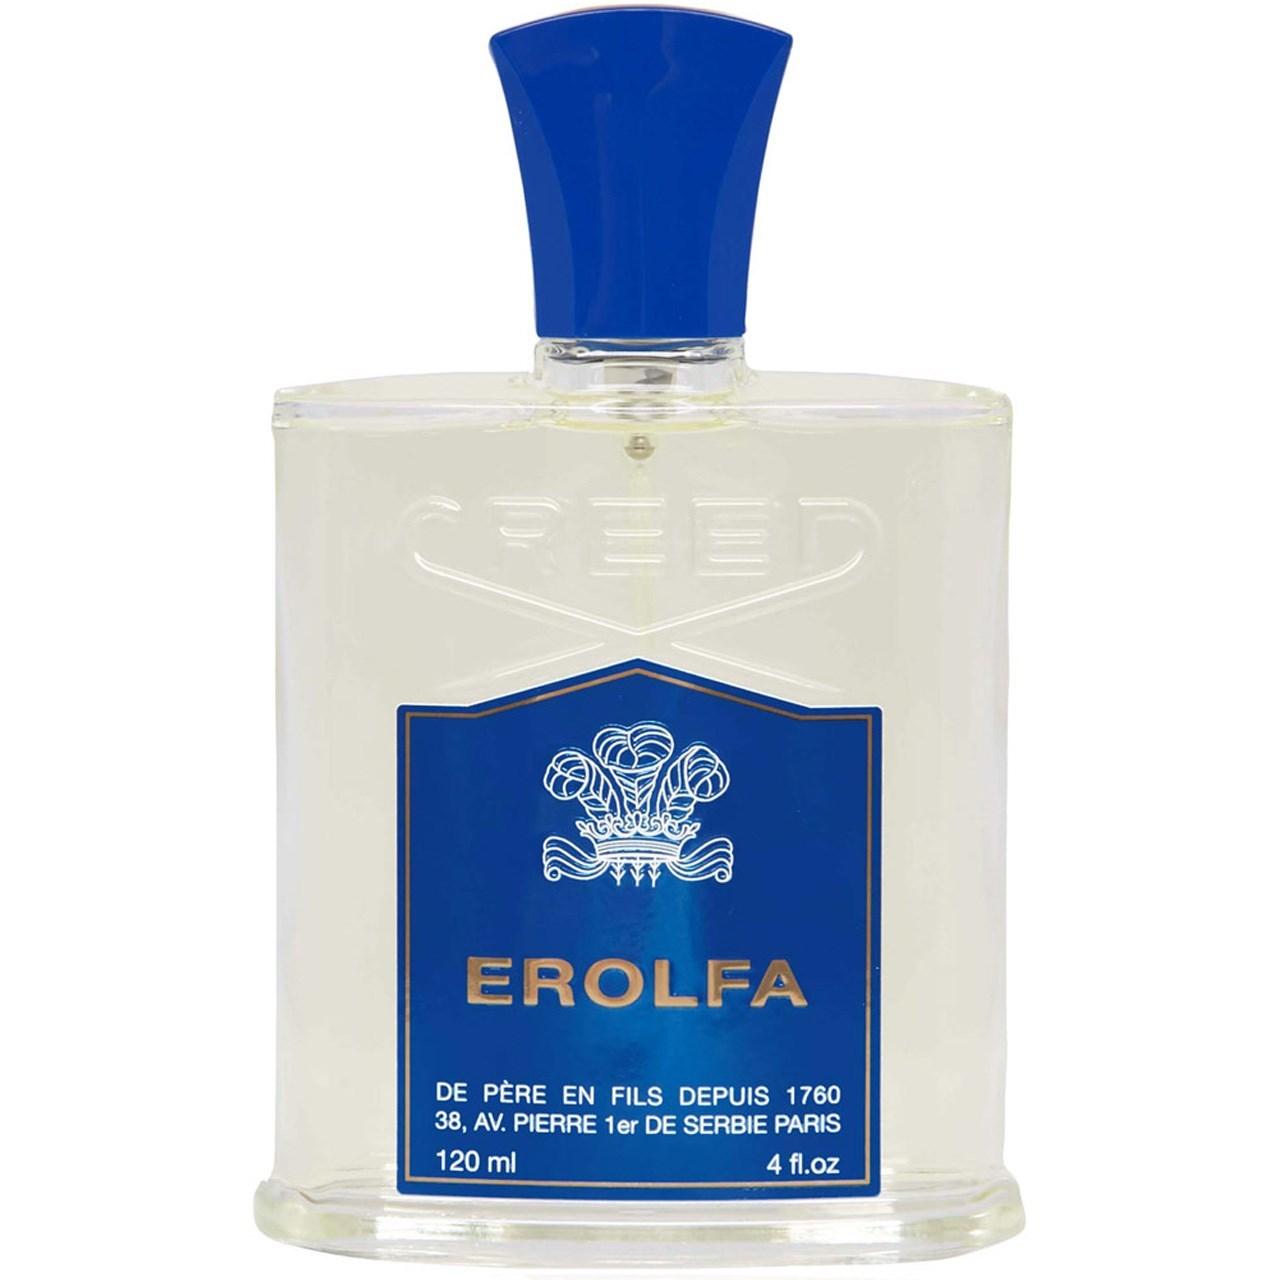 تستر  ادو پرفیوم مردانه کرید مدل Erolfa حجم 120 میلی لیتر